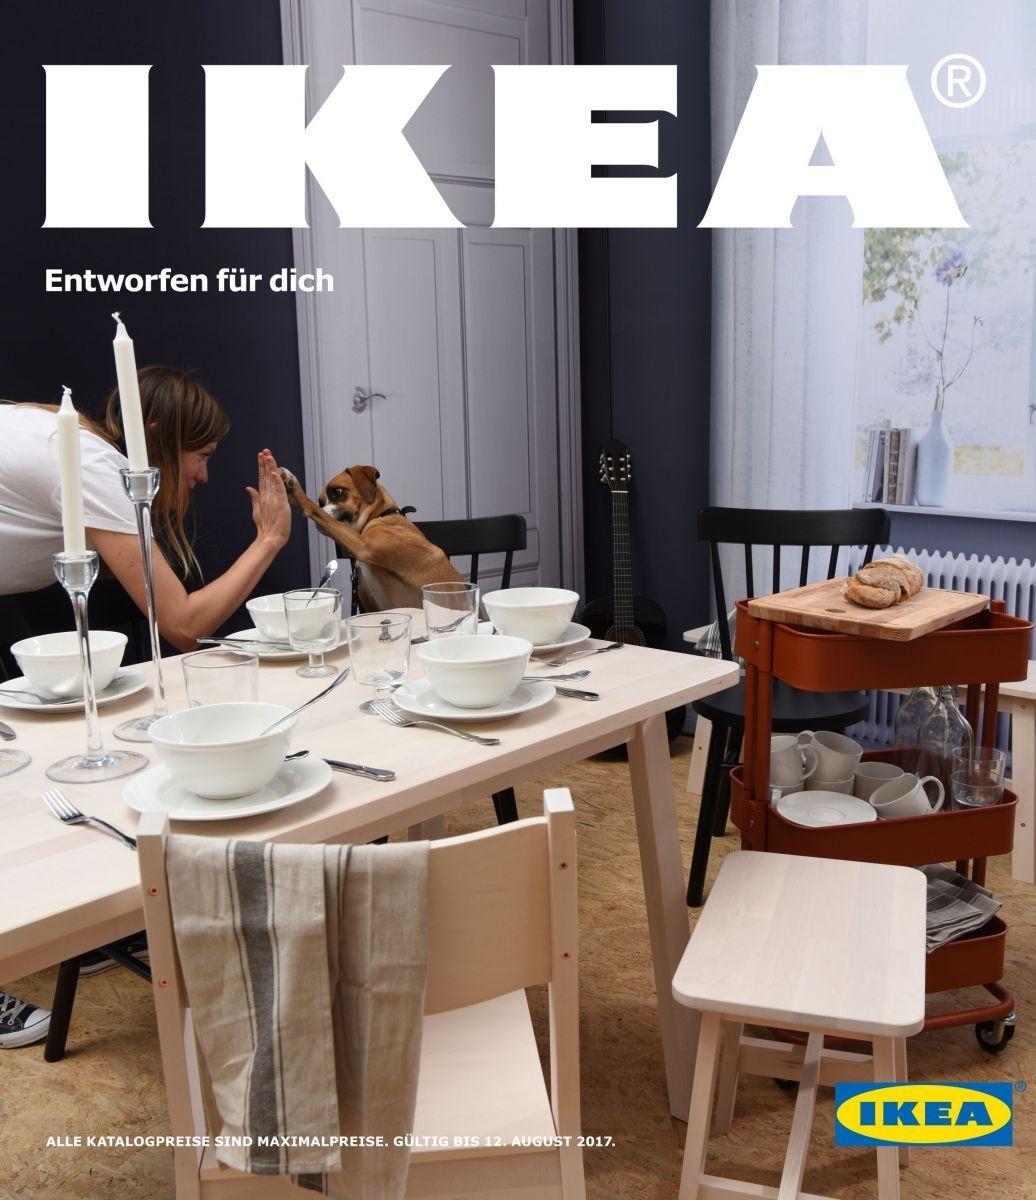 jeff: jeder wird zum titelstar des ikea-katalogs - marketing, Hause ideen